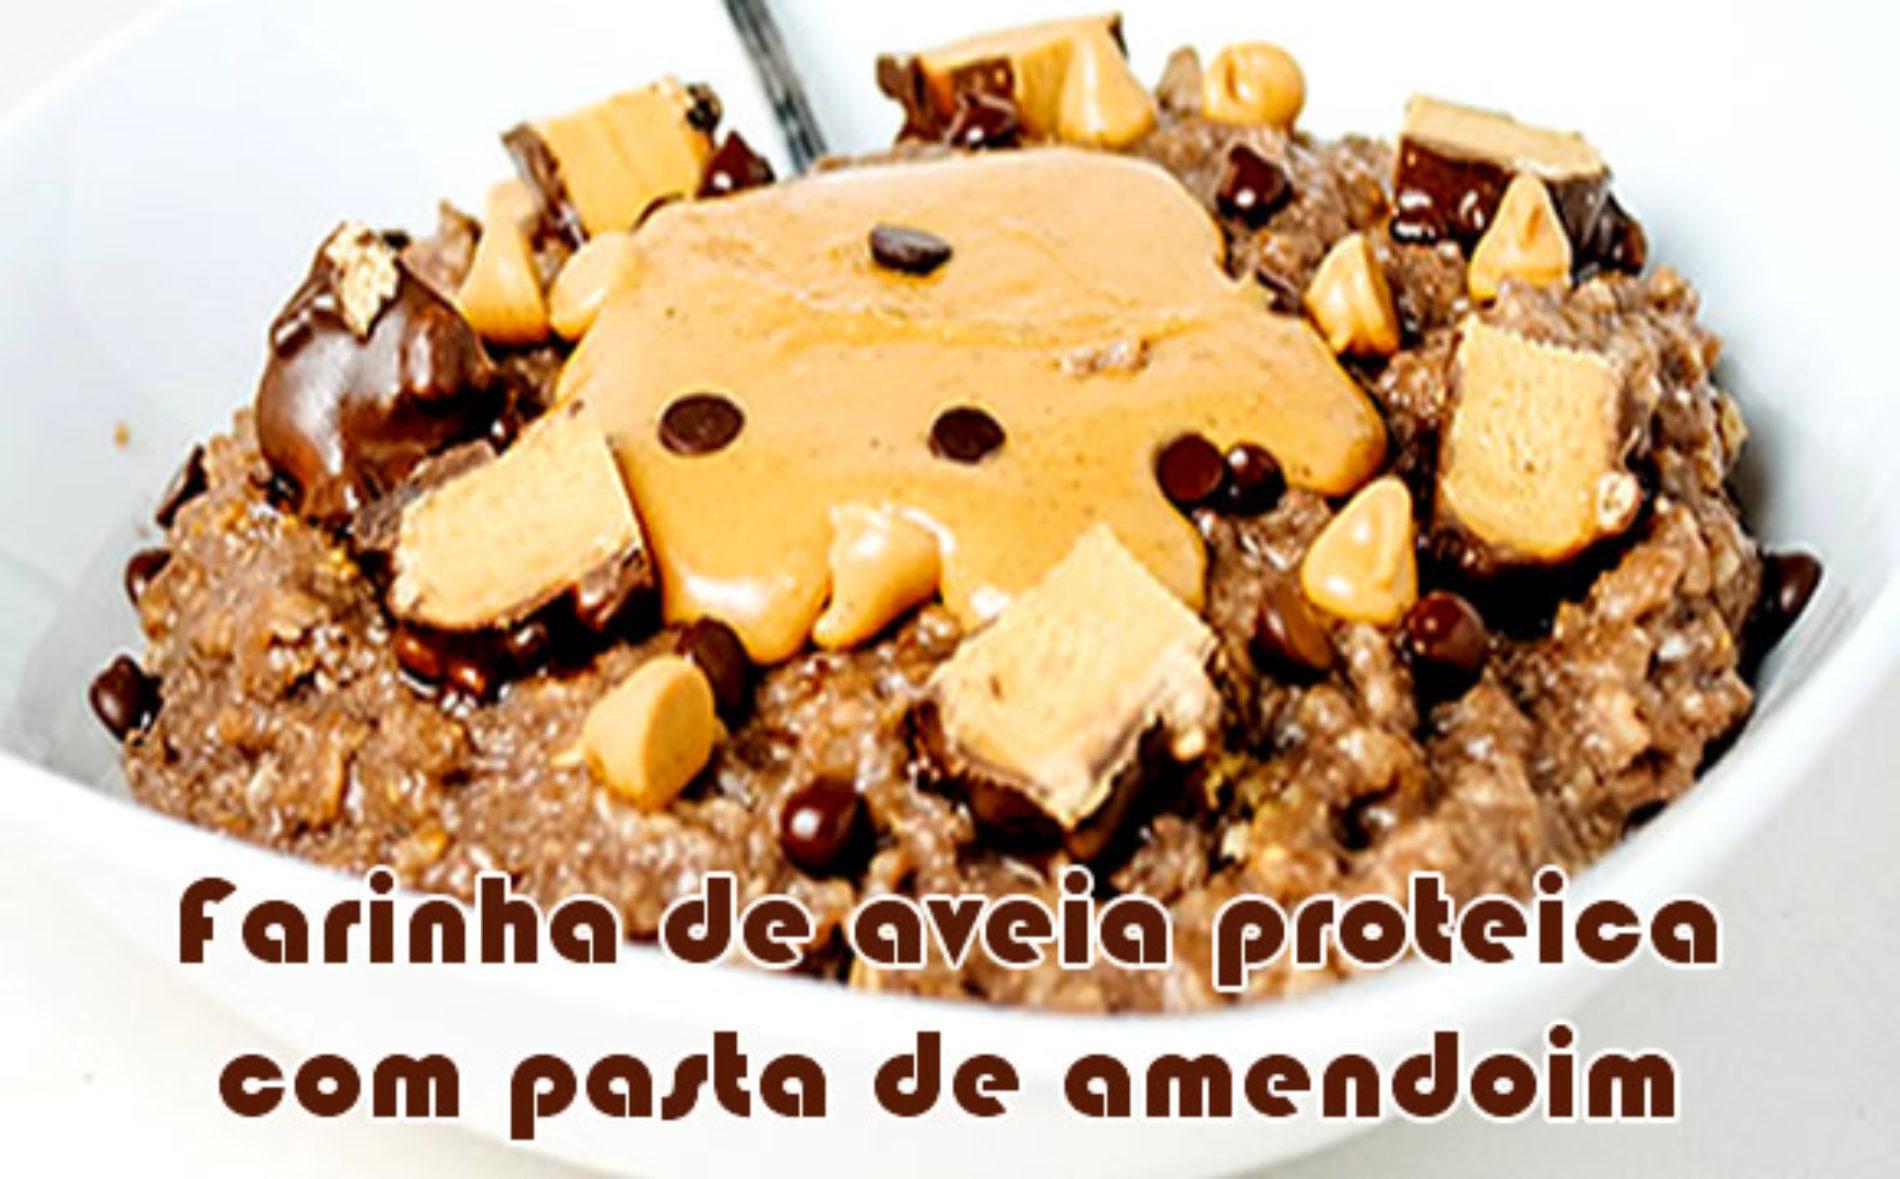 Manteiga de amendoim proteica com chocolate e aveia